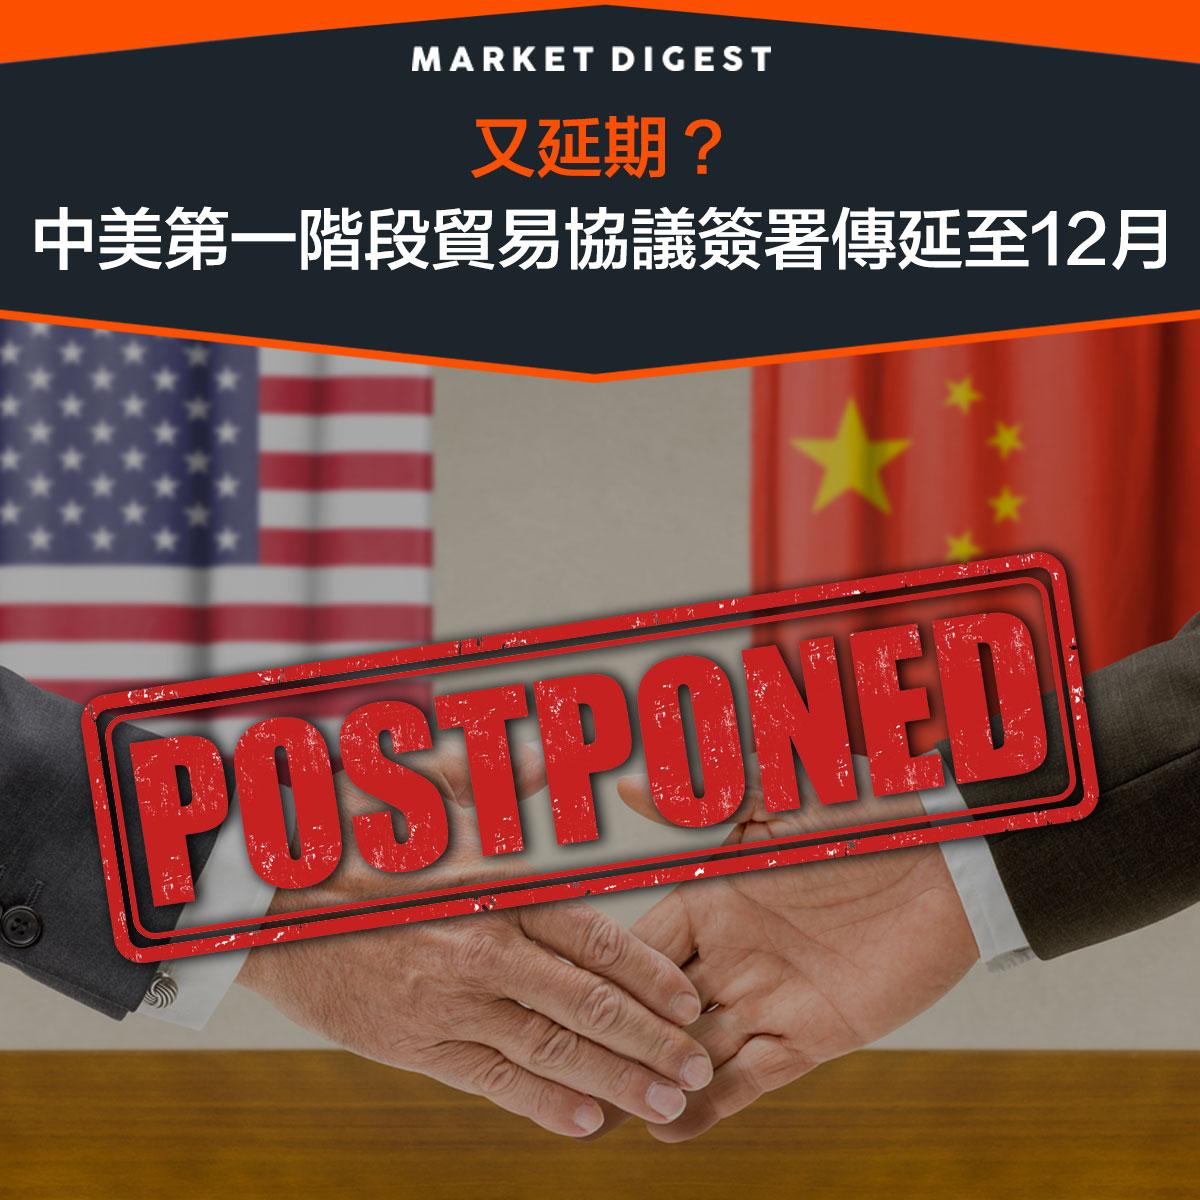 【中美貿易戰】中美第一階段貿易協議簽署傳延至12月